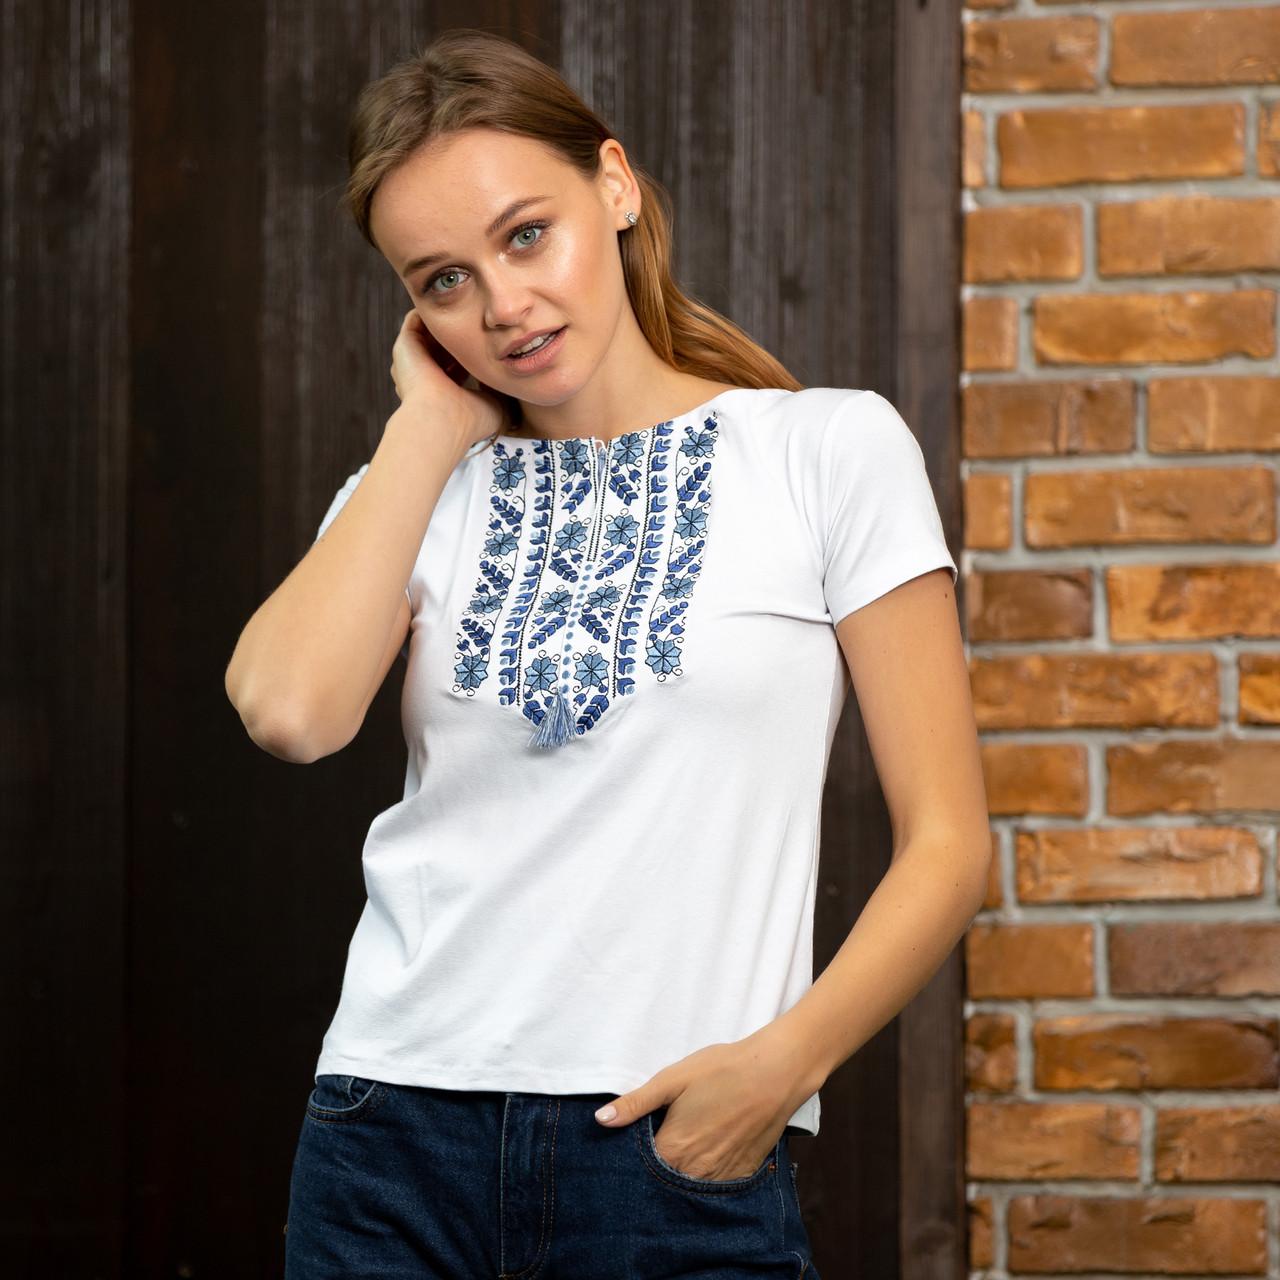 Женская футболка вышиванка Цветы синие